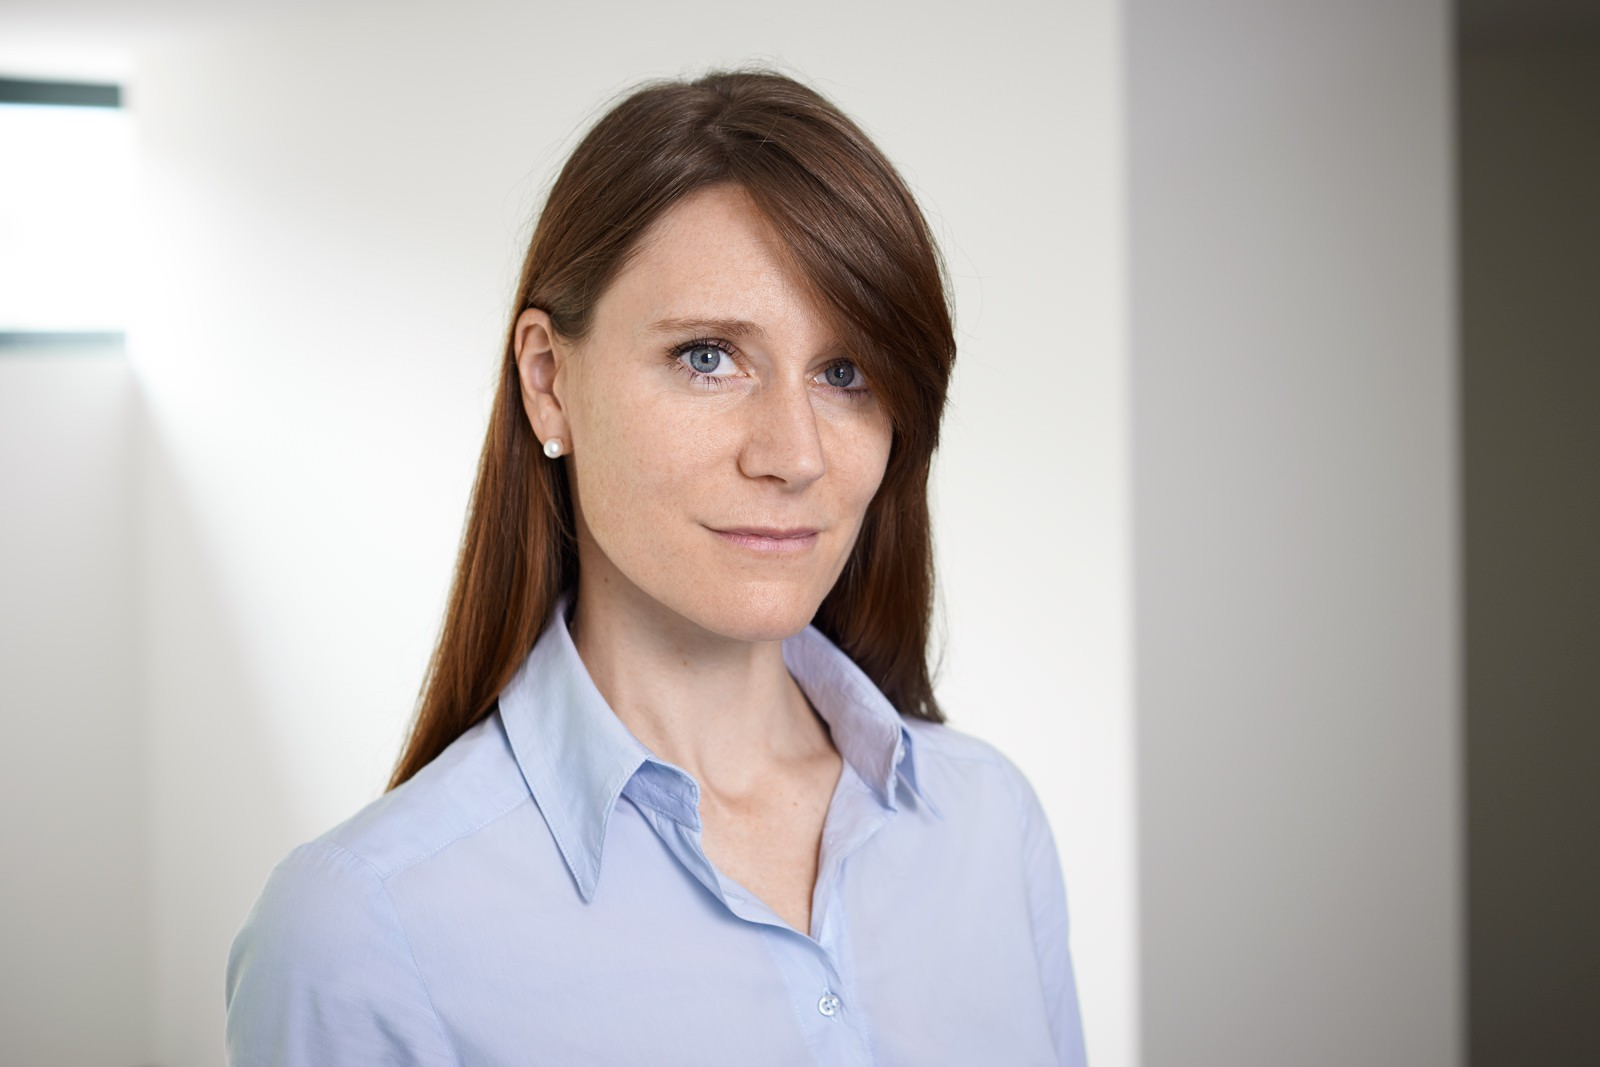 Portrait professionnel d'une femme sur fond clair